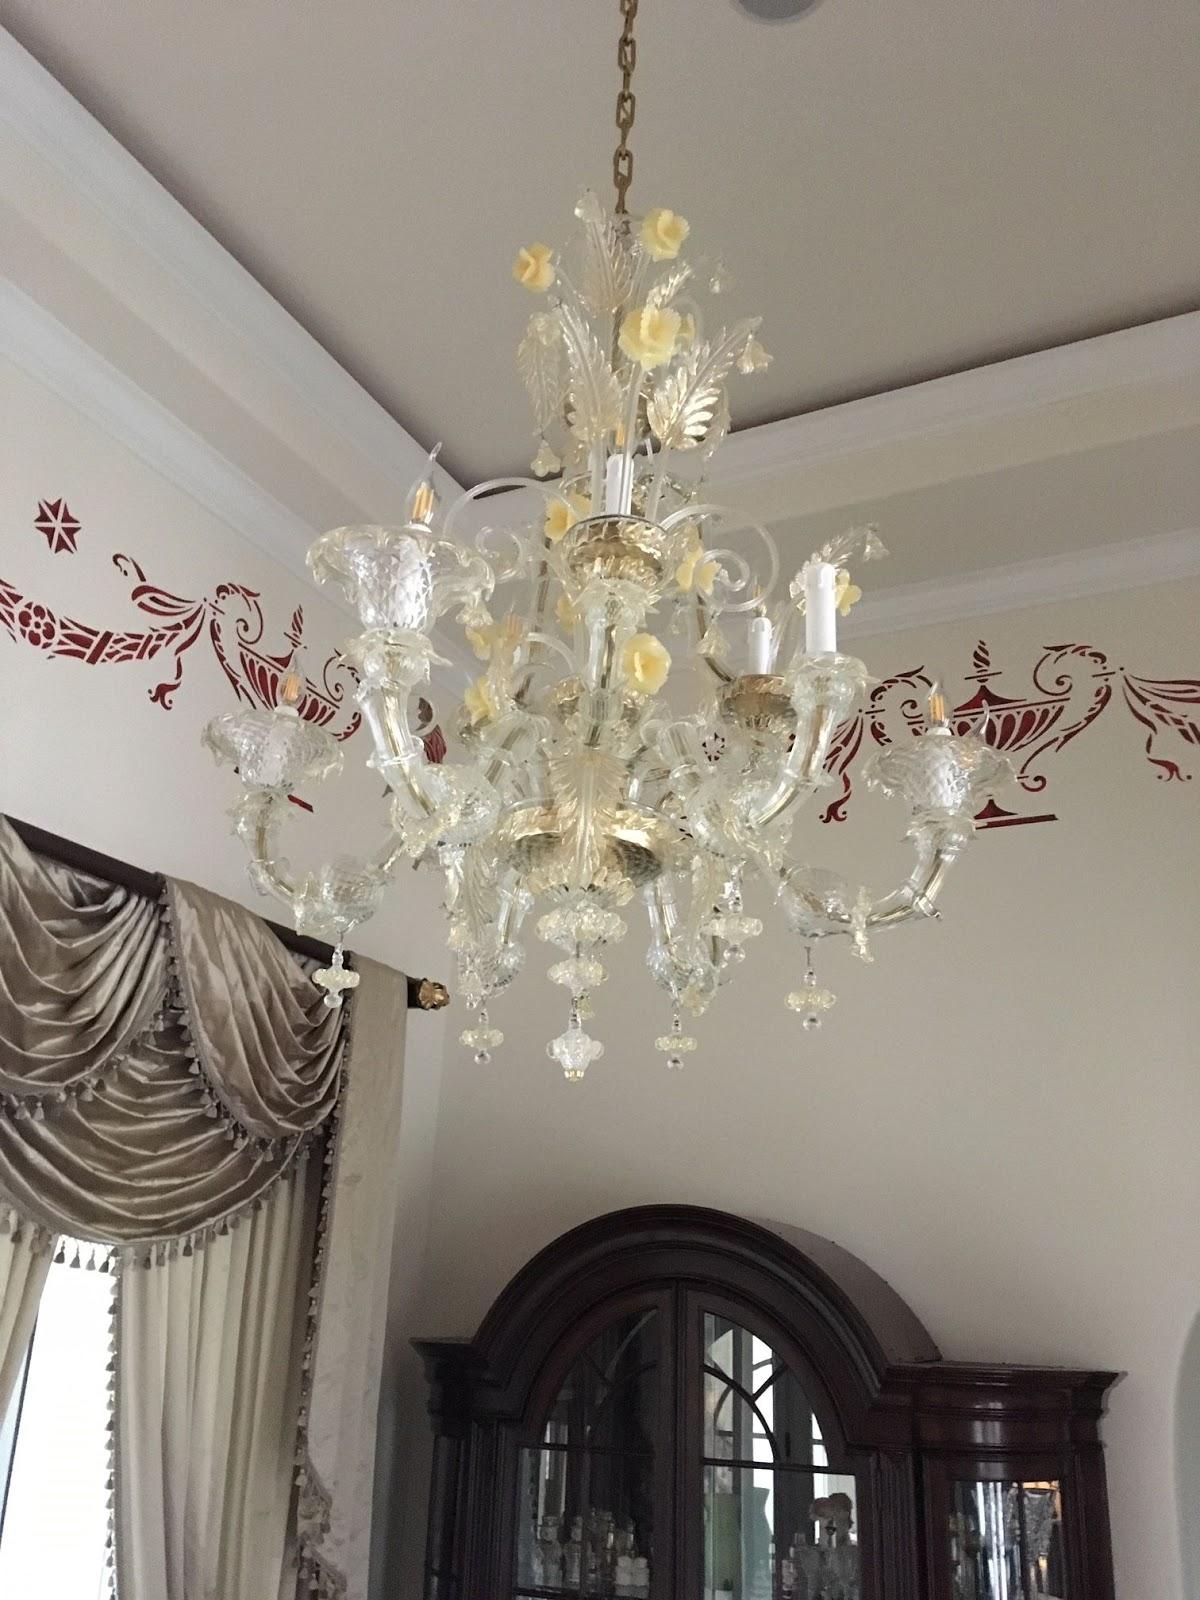 Lampadario murano, montatura in metallo cromato. Lampadario Di Murano Restaurare Un Ca Rezzonicio Ricambi Per Lampadari In Vetro Di Murano E Specchi Veneziani